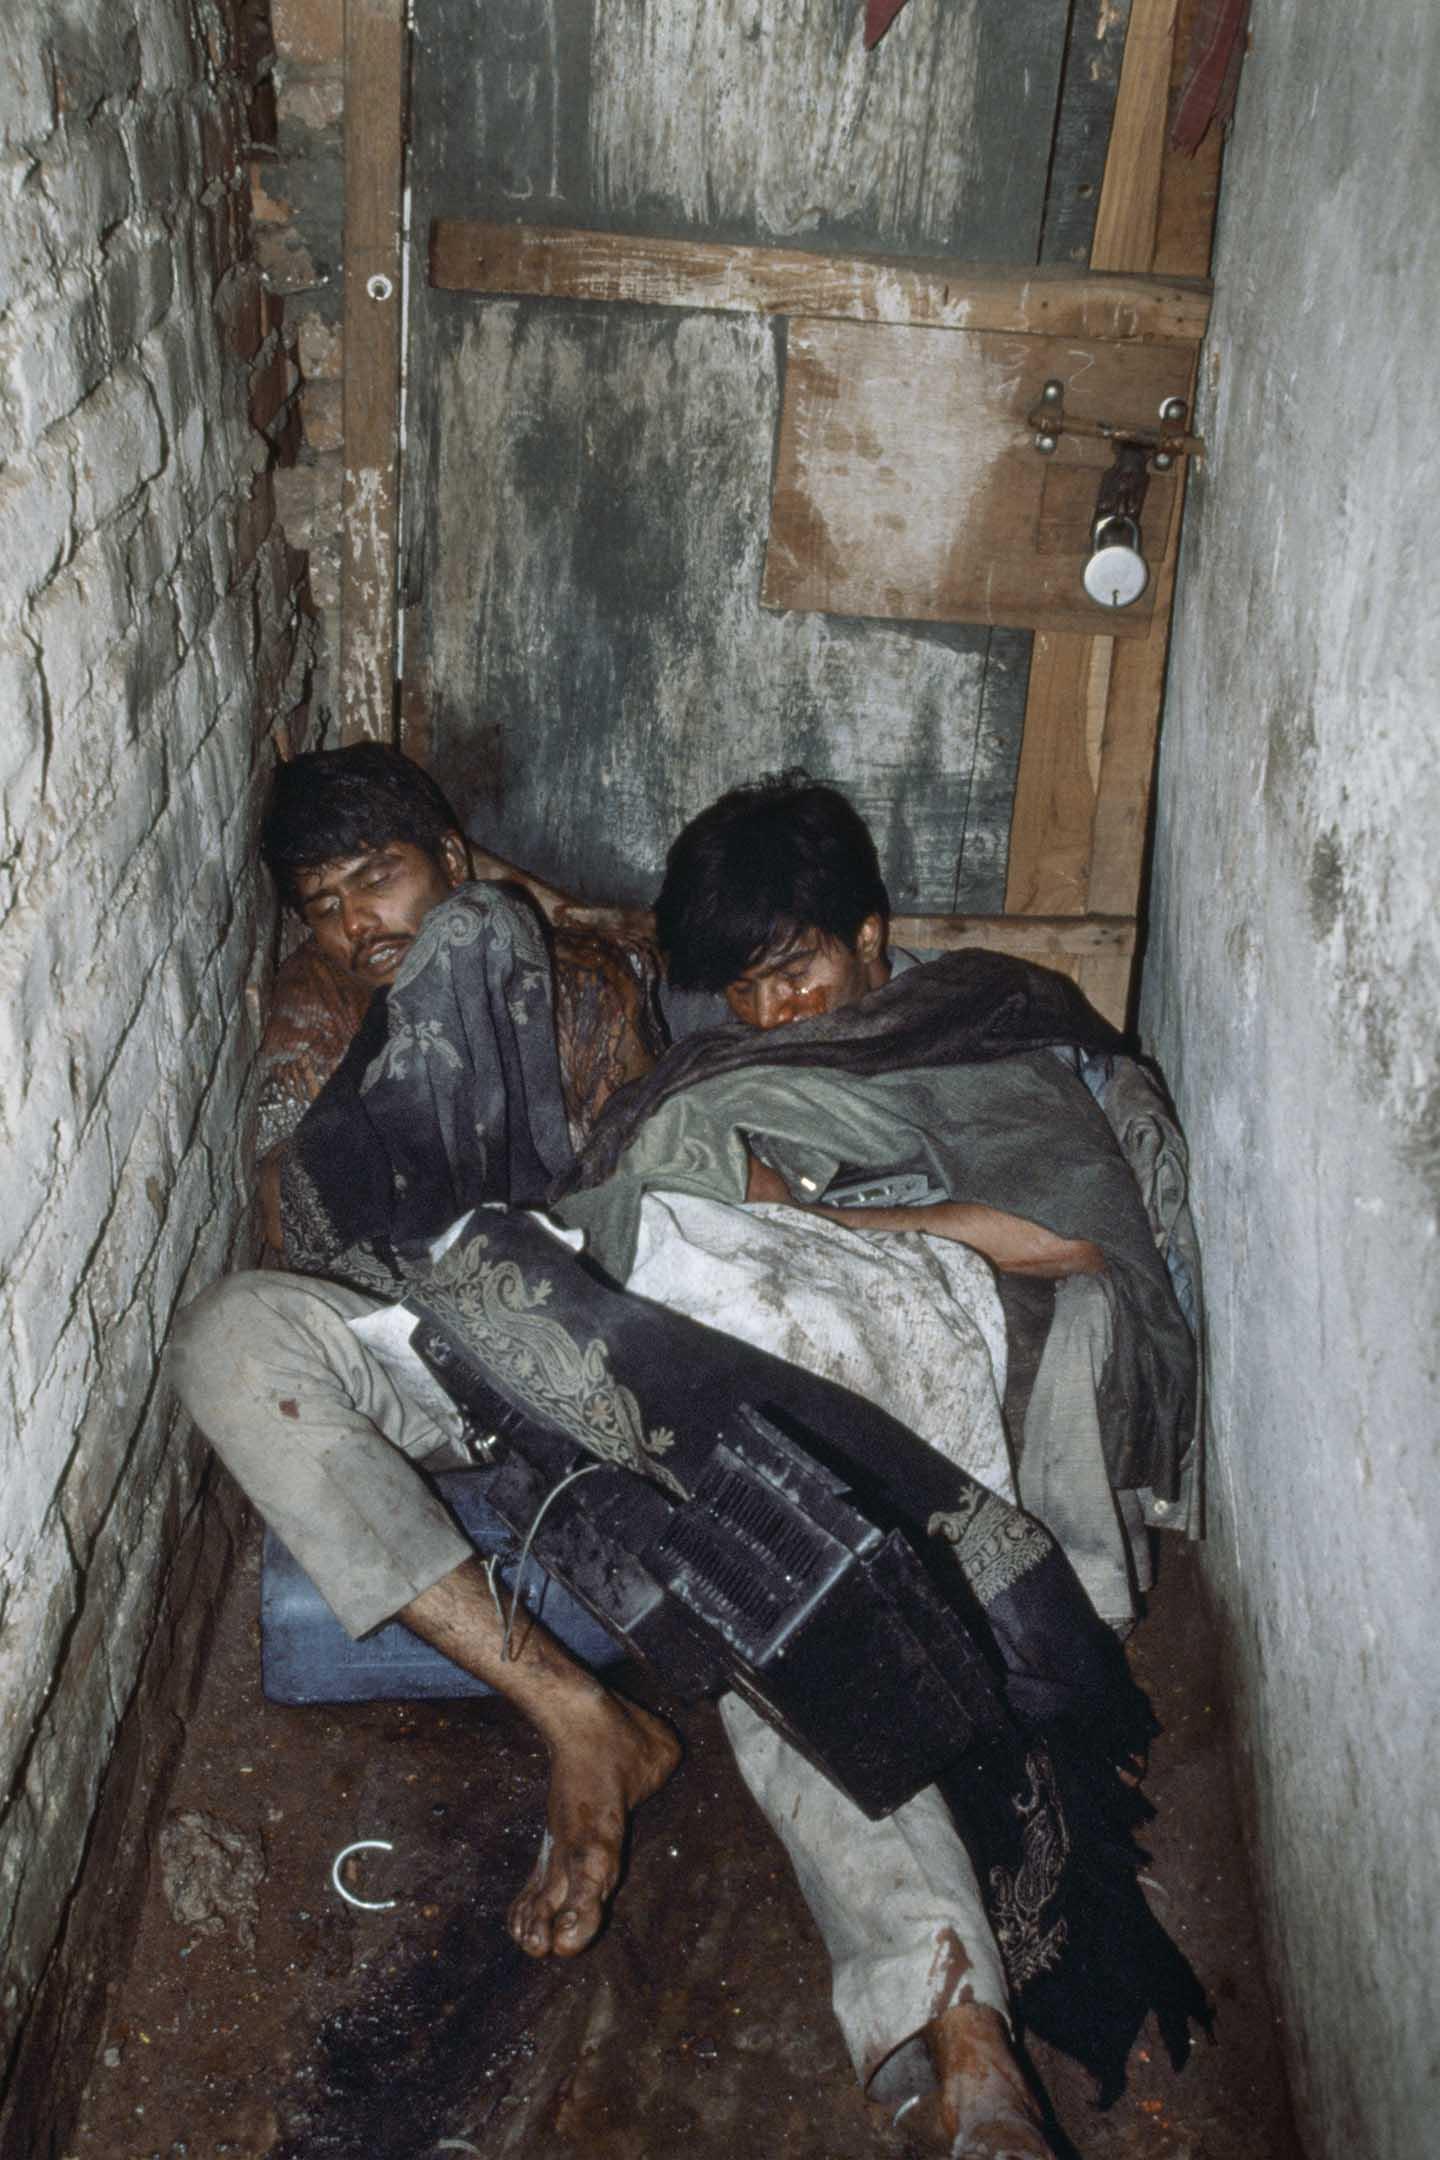 1992年12月12日印度西蘭普爾 ,兩名穆斯林男子被印度教徒襲擊。